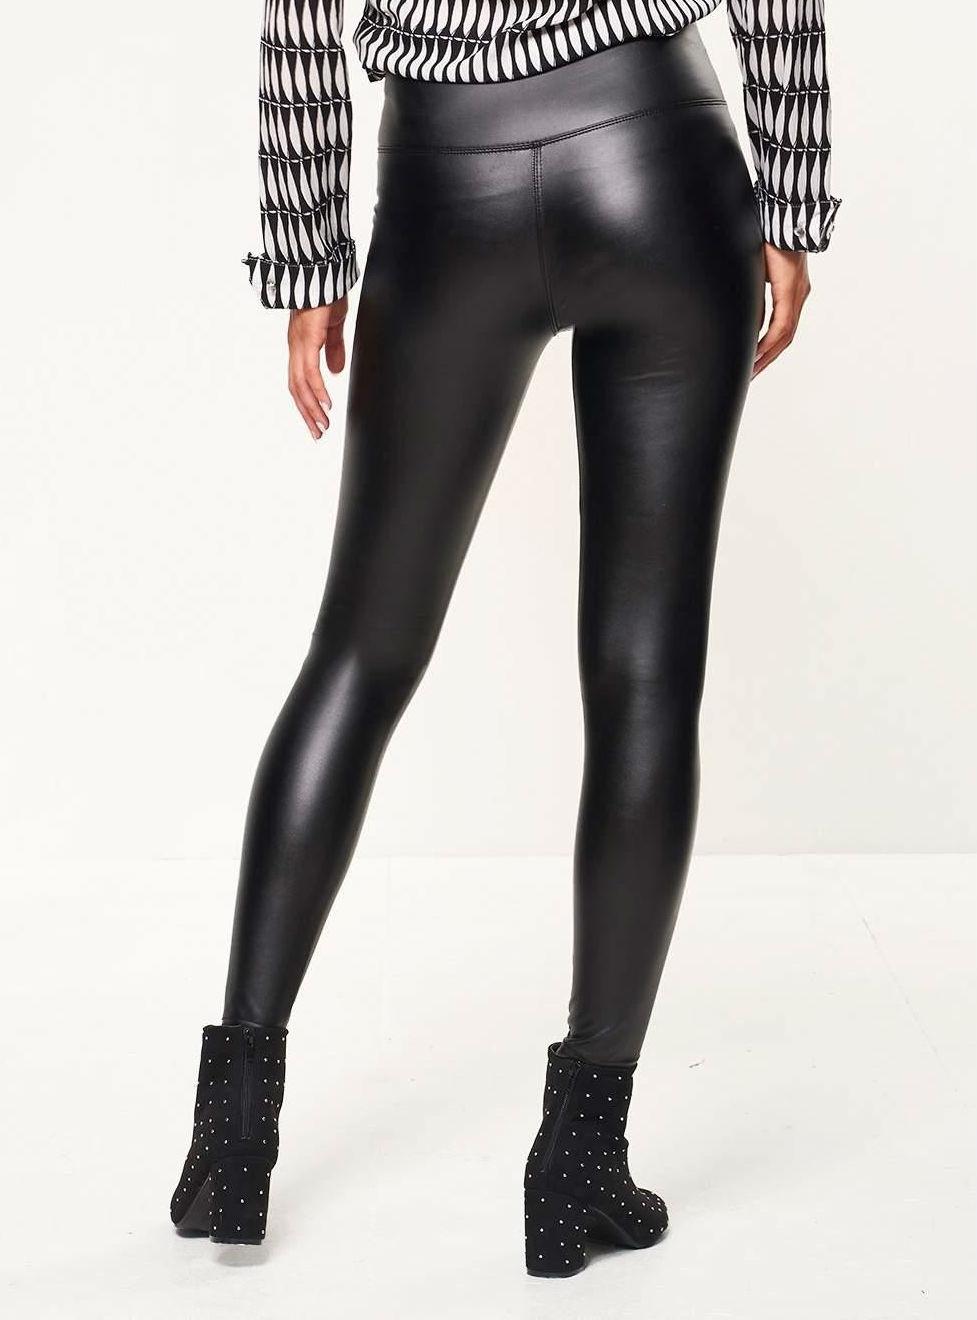 Fonkelnieuw Zwarte Leatherlook Legging   Sexy zwarte dames leggings leerlook MJ-03